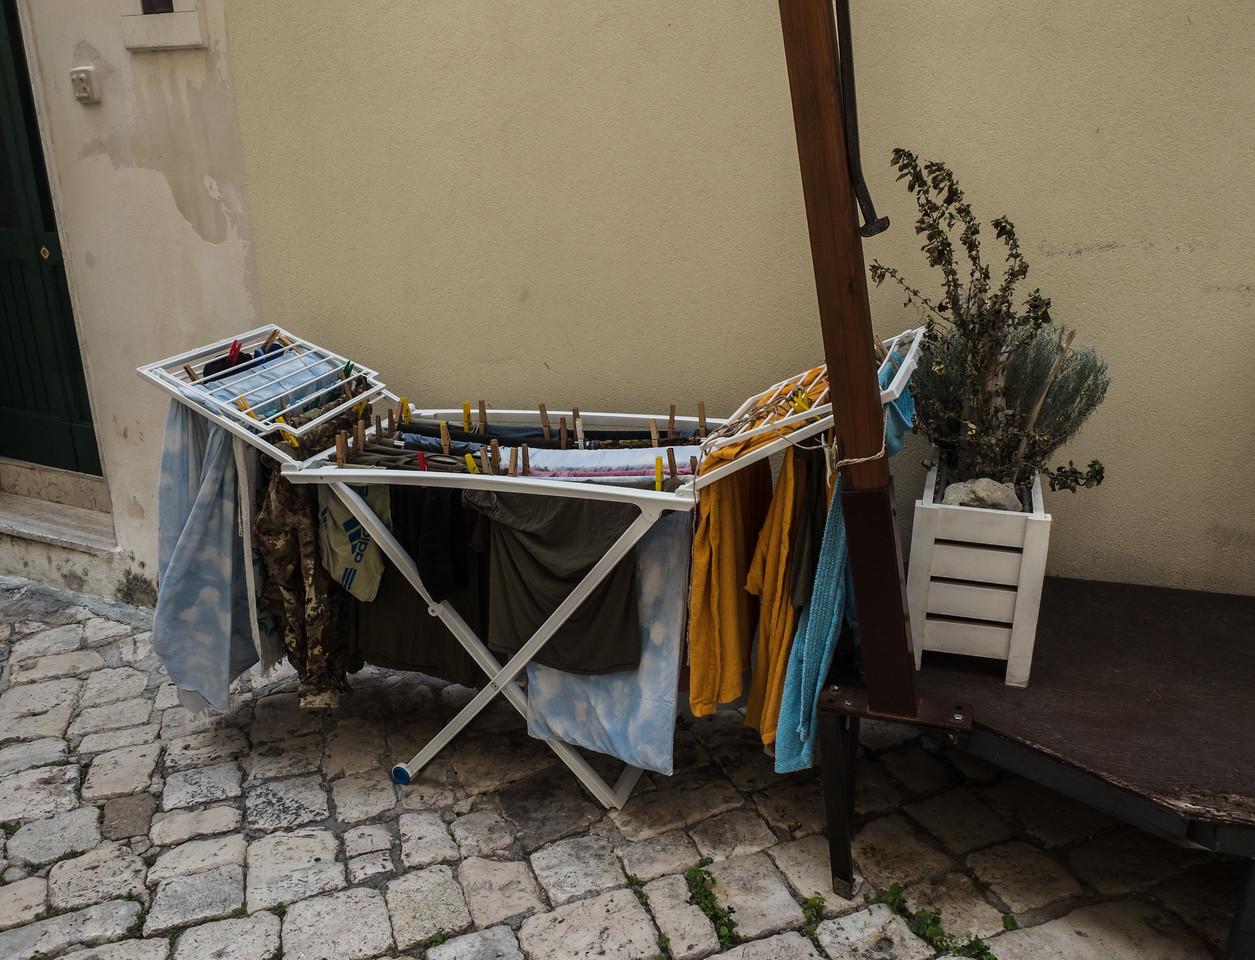 Laundry on the street, Otranto